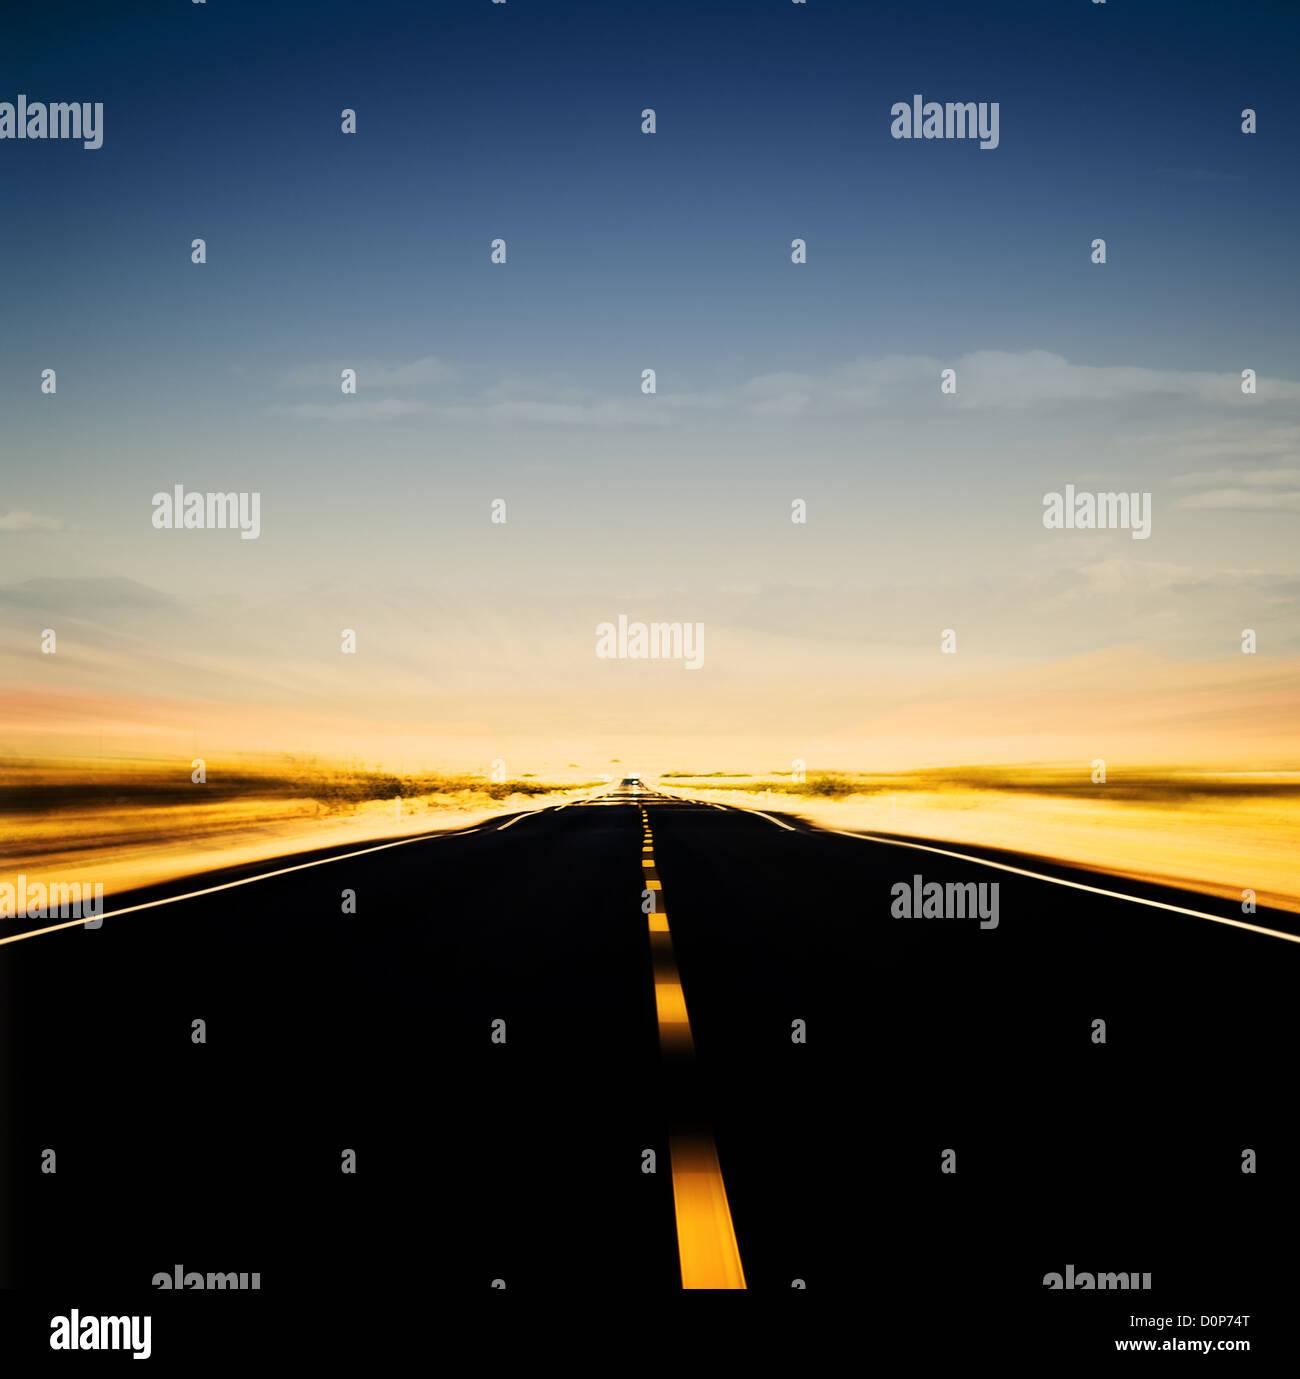 Imagen vibrante de autopista y cielo azul Imagen De Stock